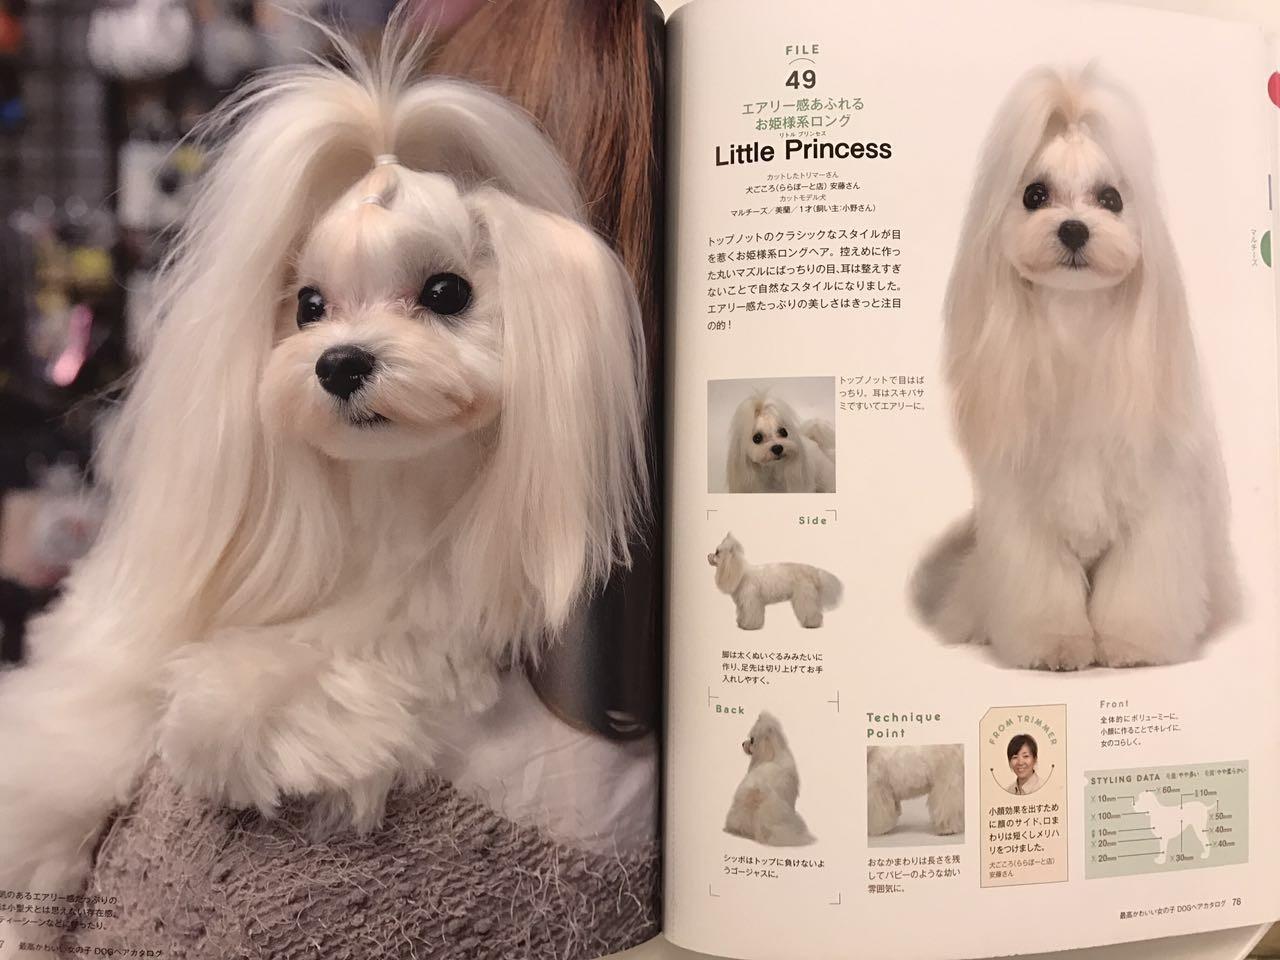 收藏!日本最卡哇伊狗狗造型大全